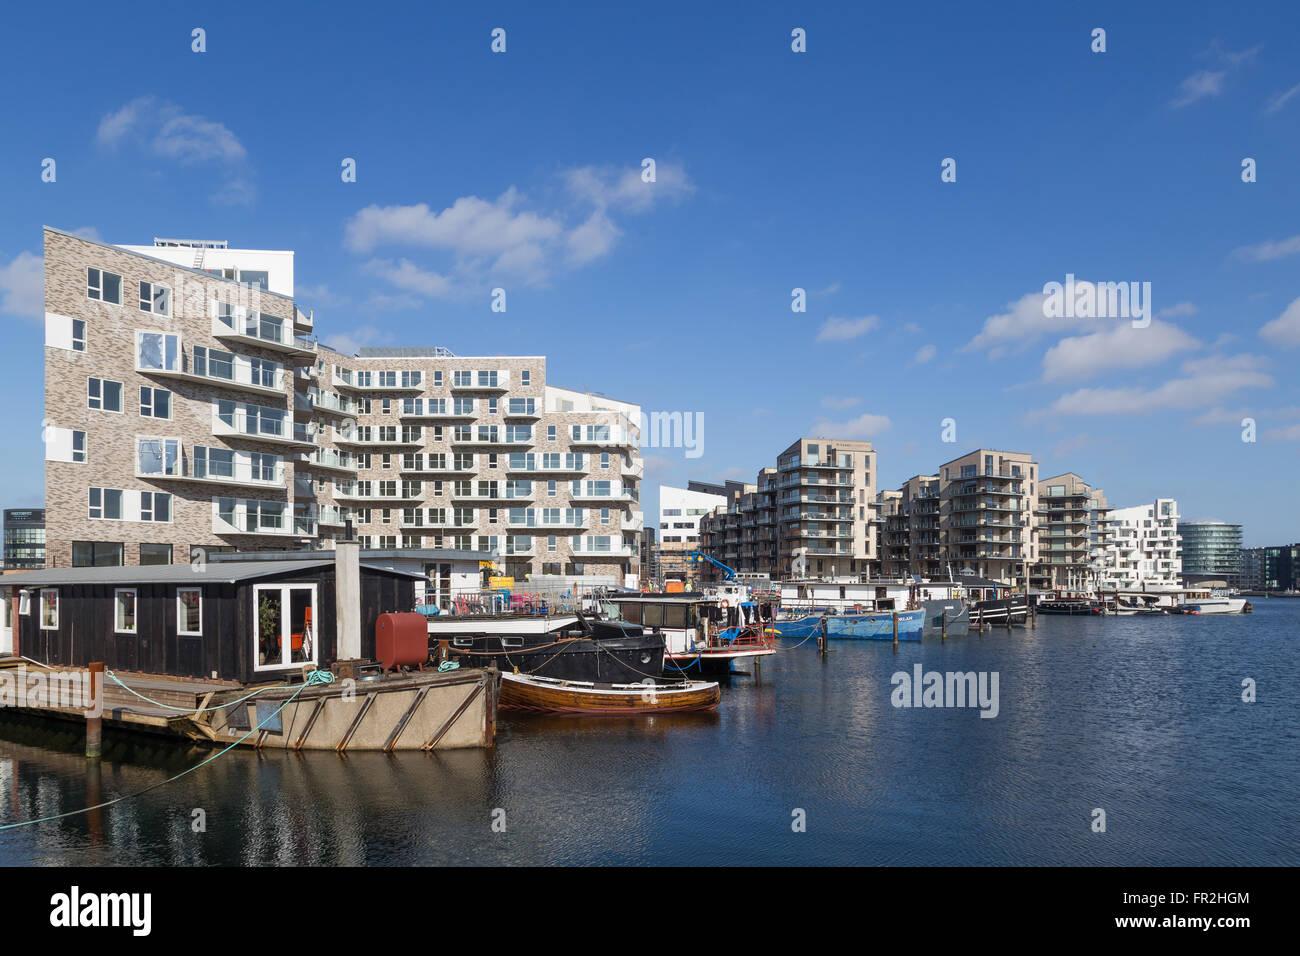 Copenhagen, Denmark - March 17, 2016: Newly built modern appartments on